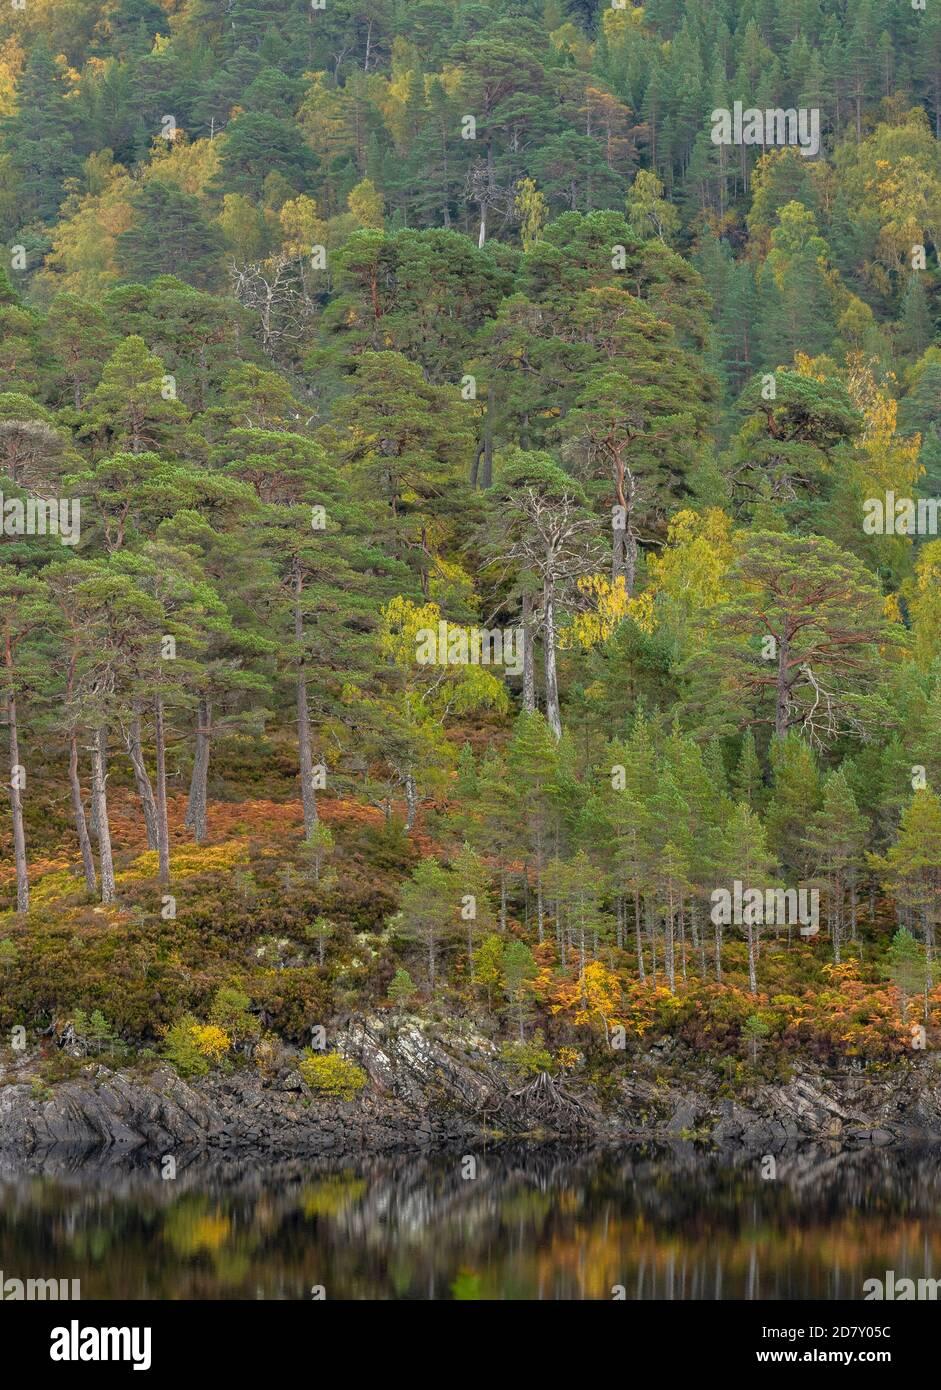 Glen Affric, reserva natural nacional y reserva forestal de Caledonian, en otoño; Highland, Escocia. Pino escocés, Pinus sylvestris con abedules. Foto de stock